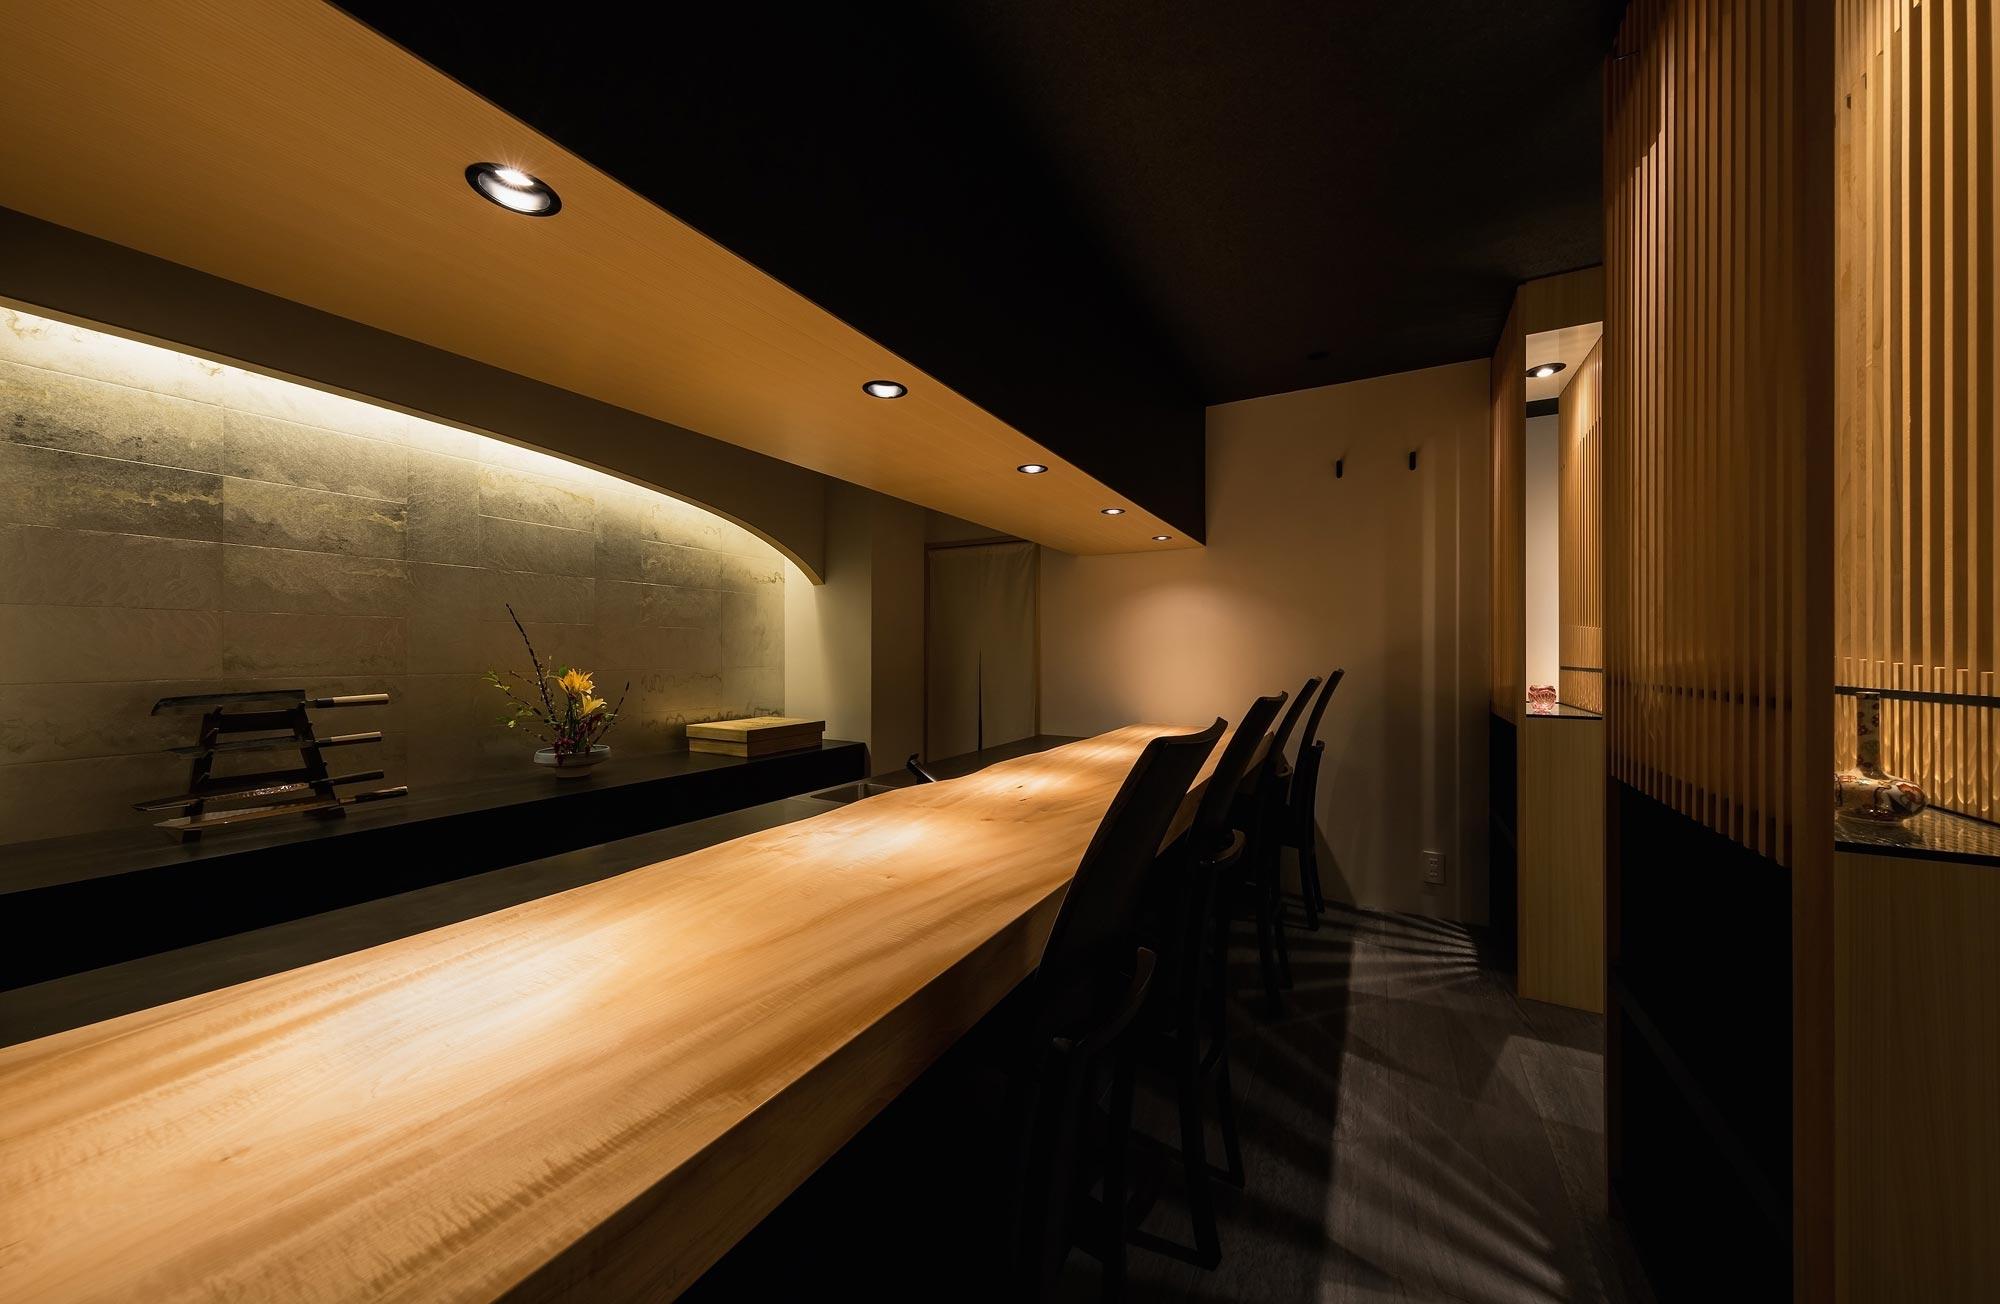 <p> カウンター材は樹齢100年を超える奈良県産の栃の木。厨房の背面の壁には、職人によって一点一点丁寧につくられた肉厚の錫板が貼られています </p>